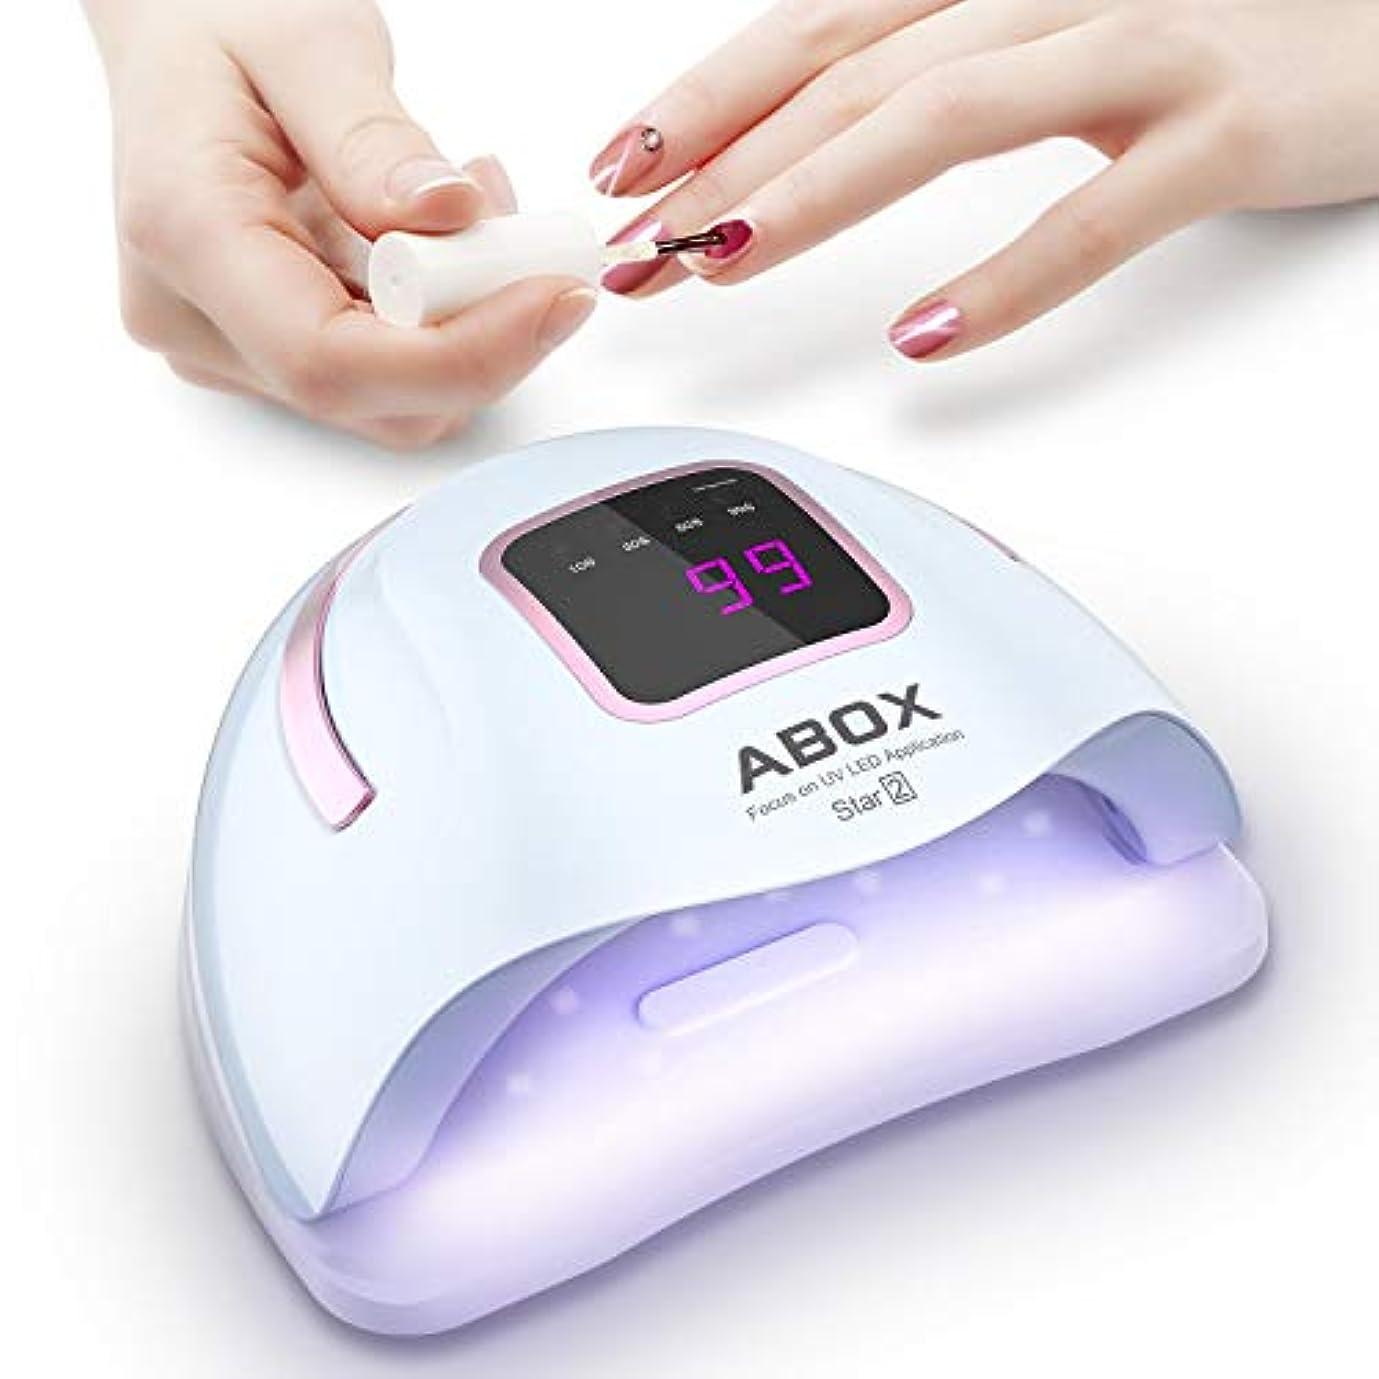 下村ショッキングネイルドライヤー ABOX 72W 硬化用UV+LEDライト 4段階タイマー付き 自動センサー 携帯便利 ポリッシュもジェルネイル対応 時間目安 日本語説明書付き